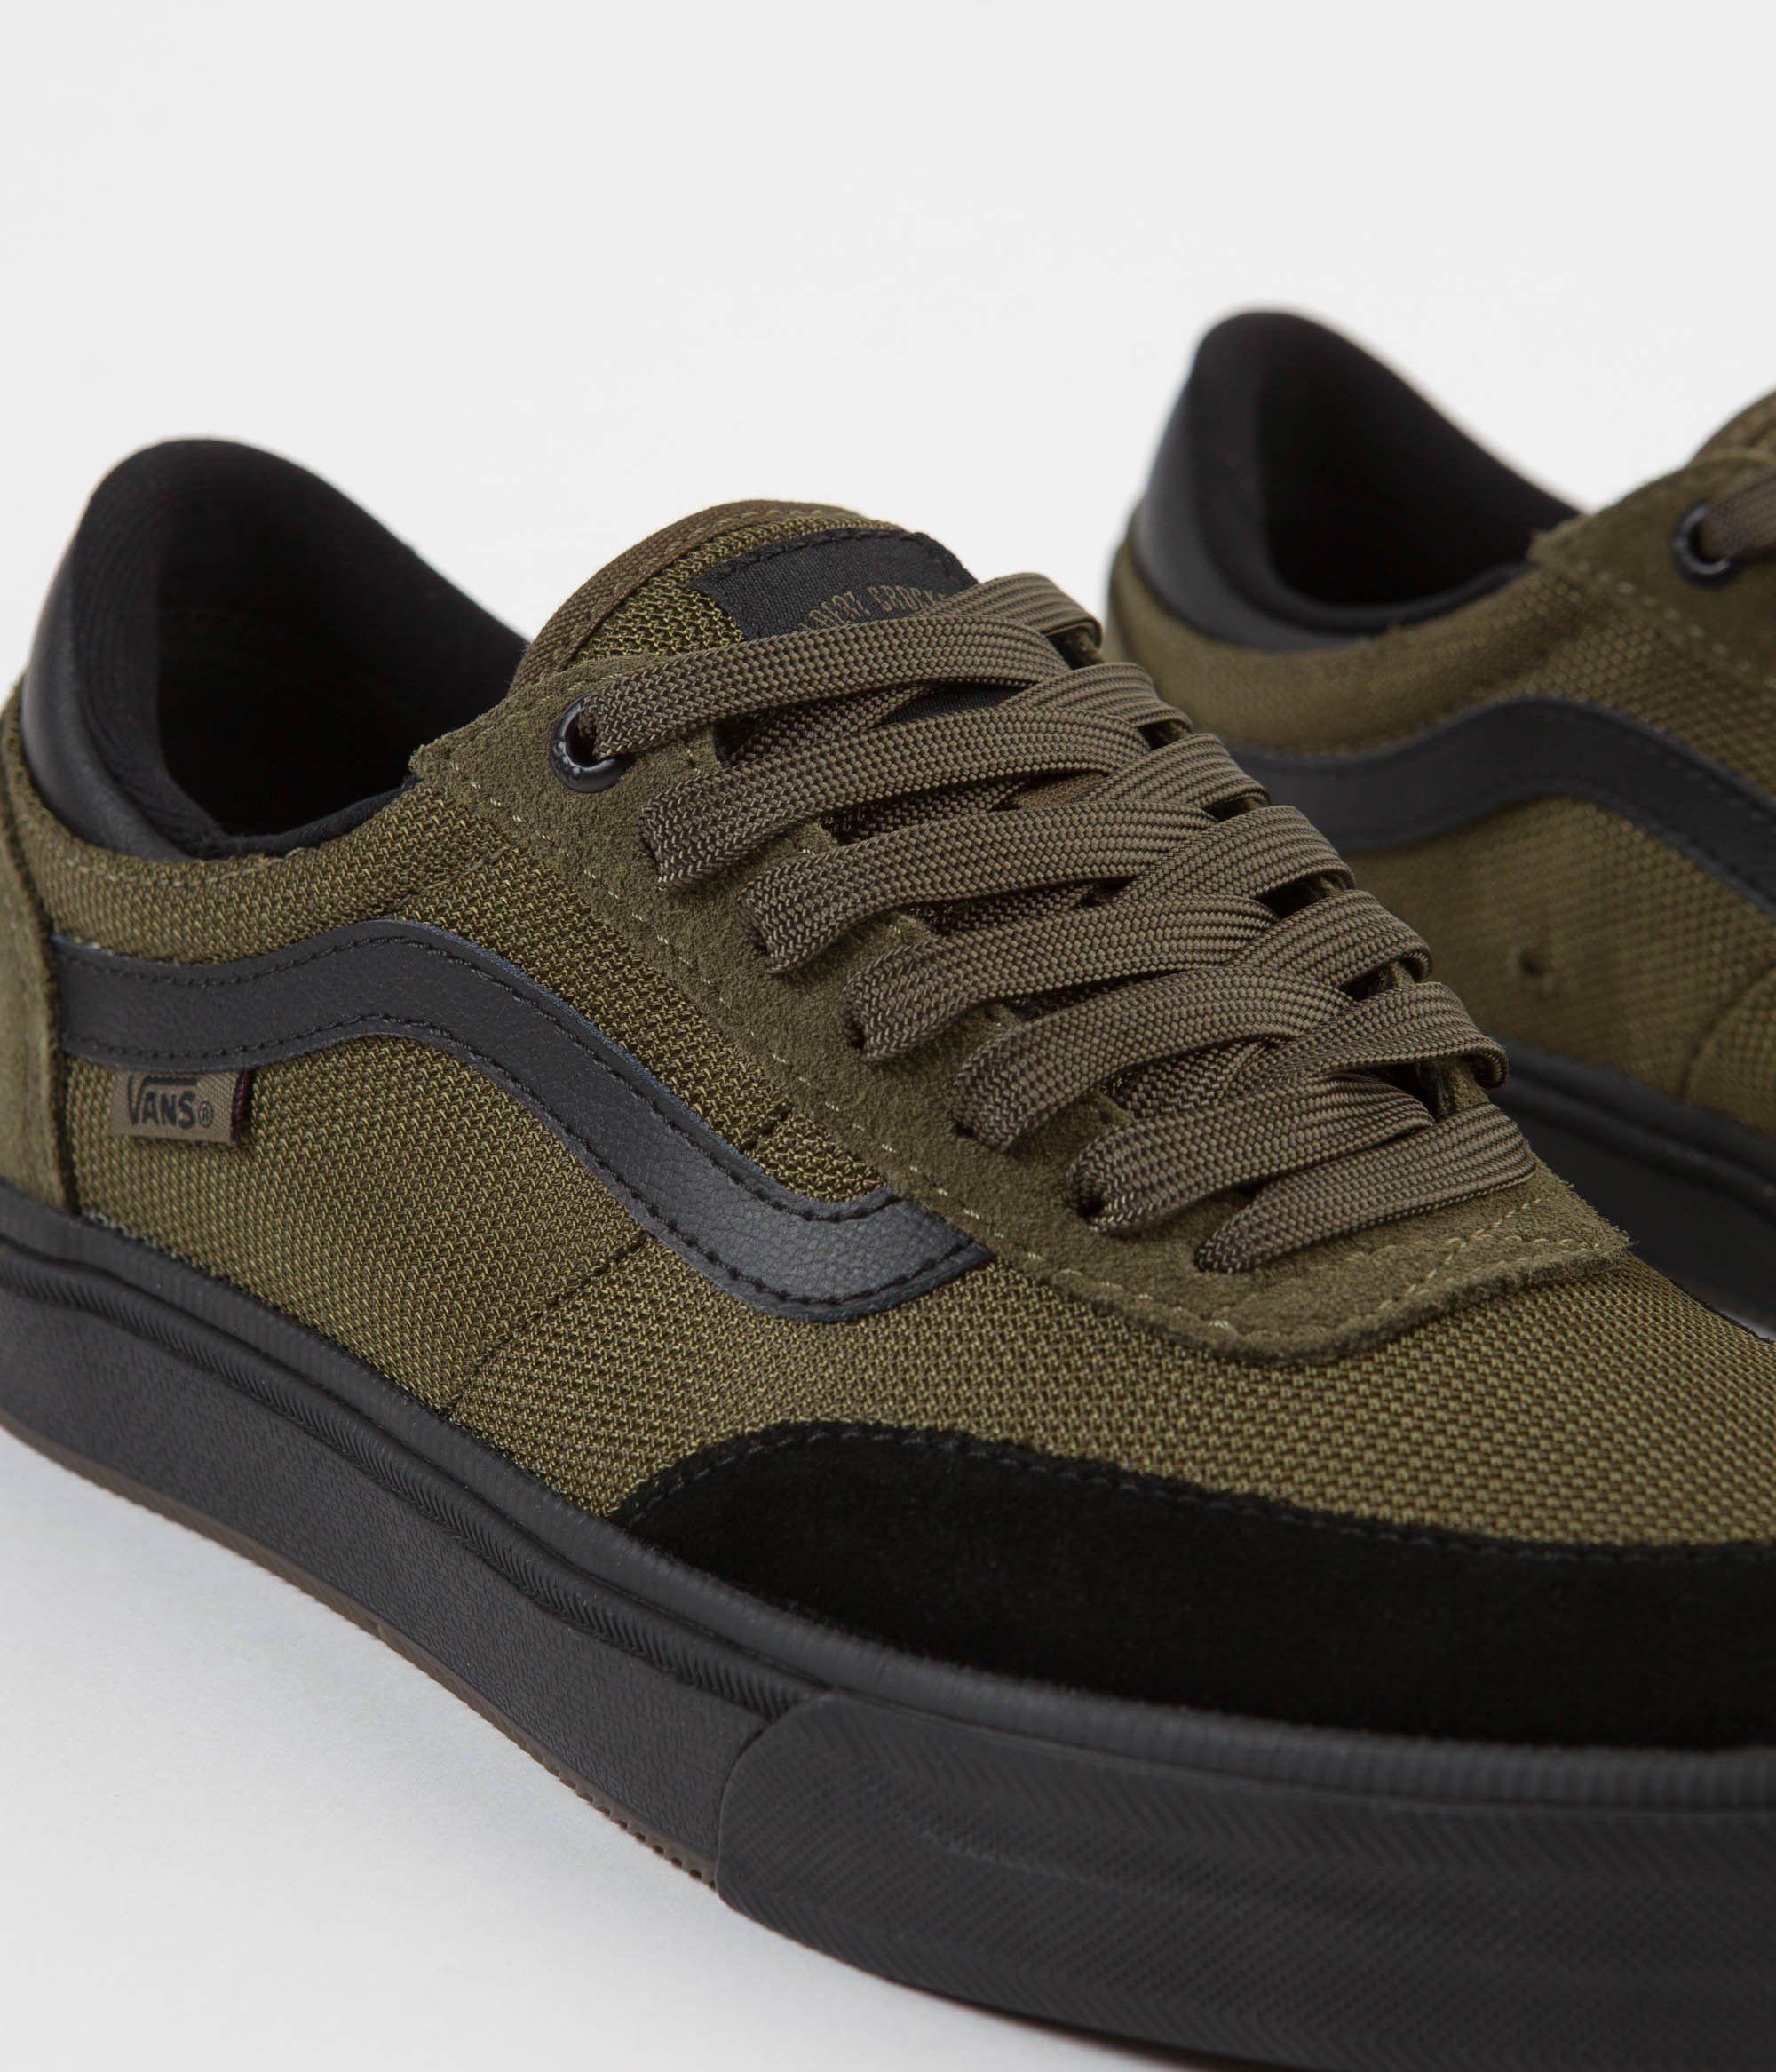 Vans Gilbert Crockett 2 Pro Shoes (Tactical) Beech Black